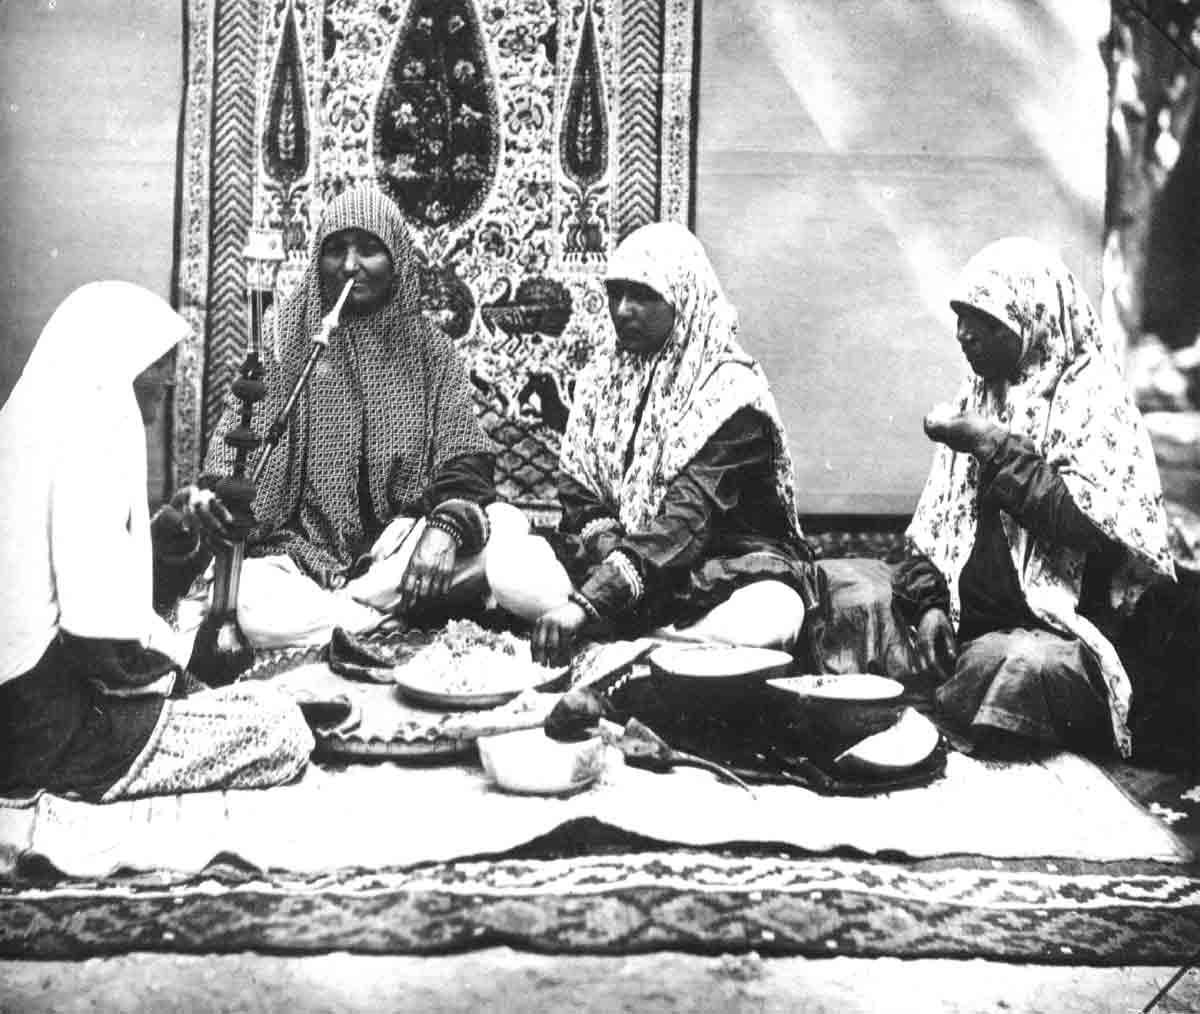 دگرگونی جایگاه زن در پایان دوران قاجارِ؛ ضرورتی که درک شد